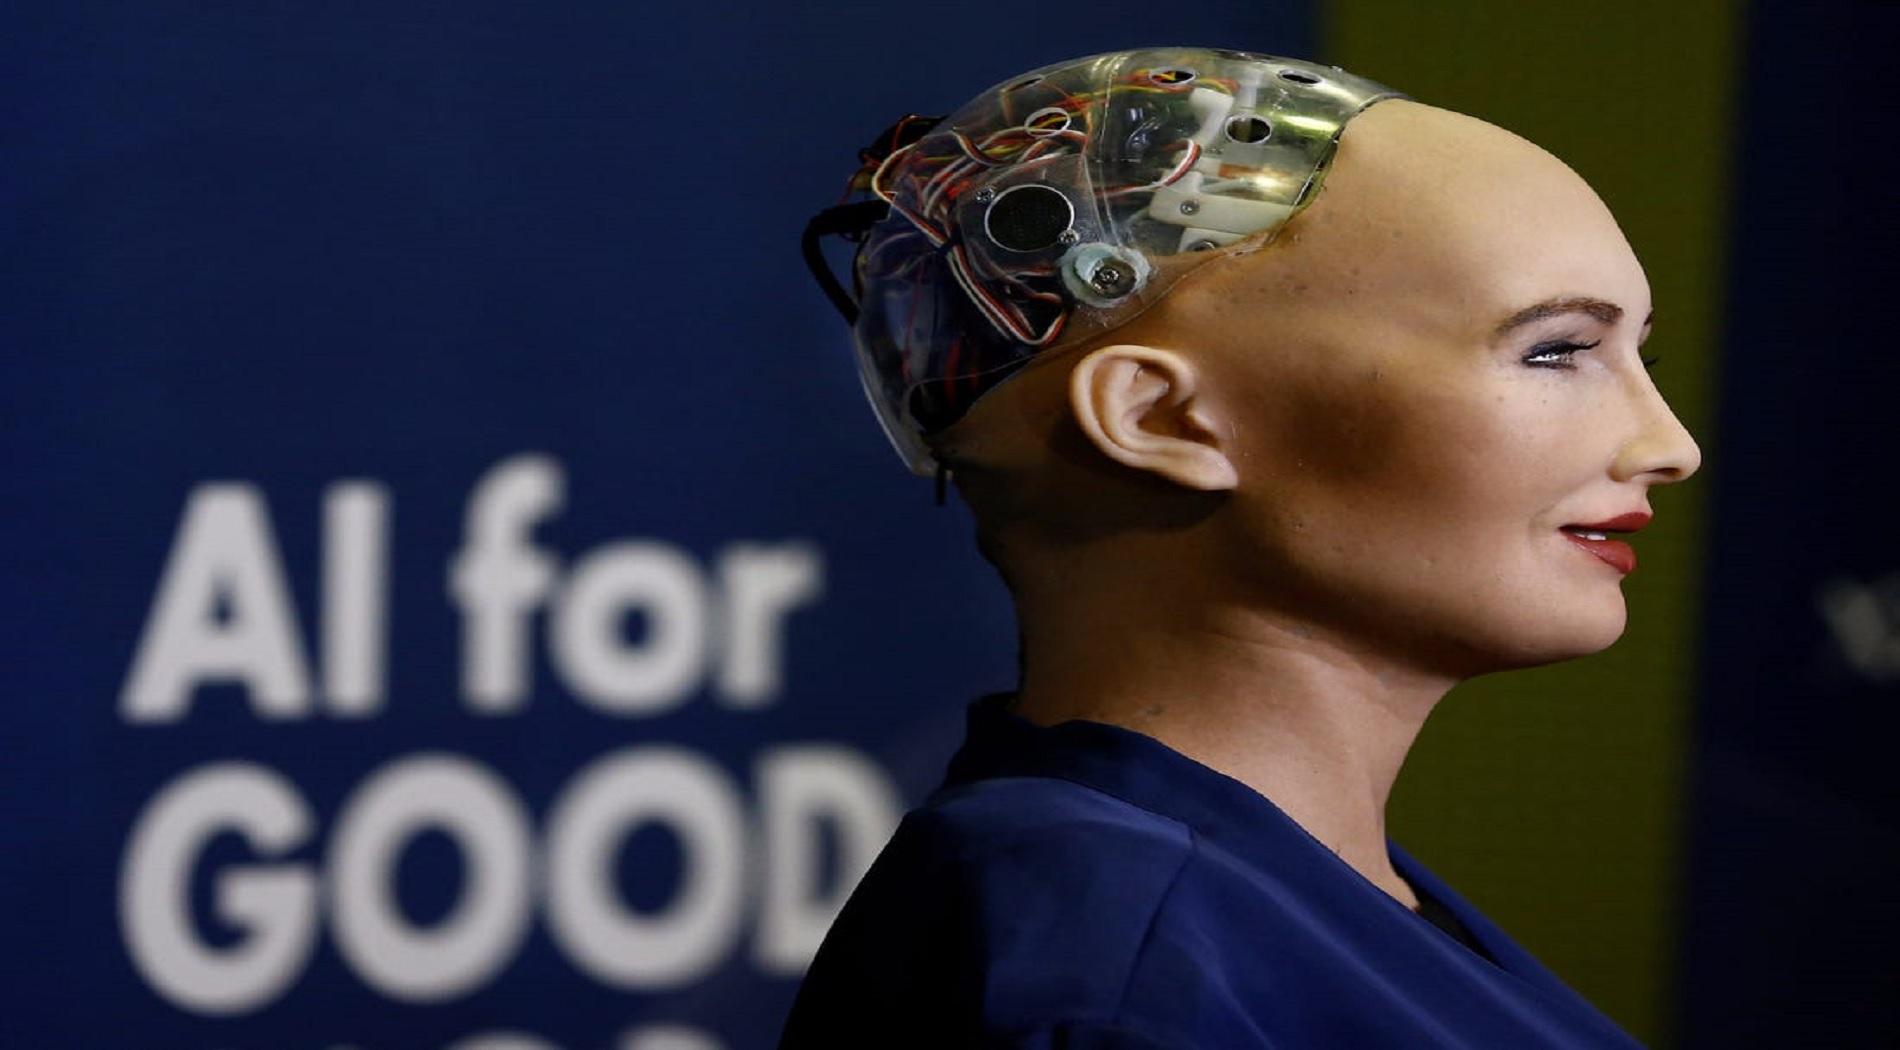 Η εξέλιξη της ρομποτικής και η έρευνα για ανάπτυξη τεχνητού δέρματος